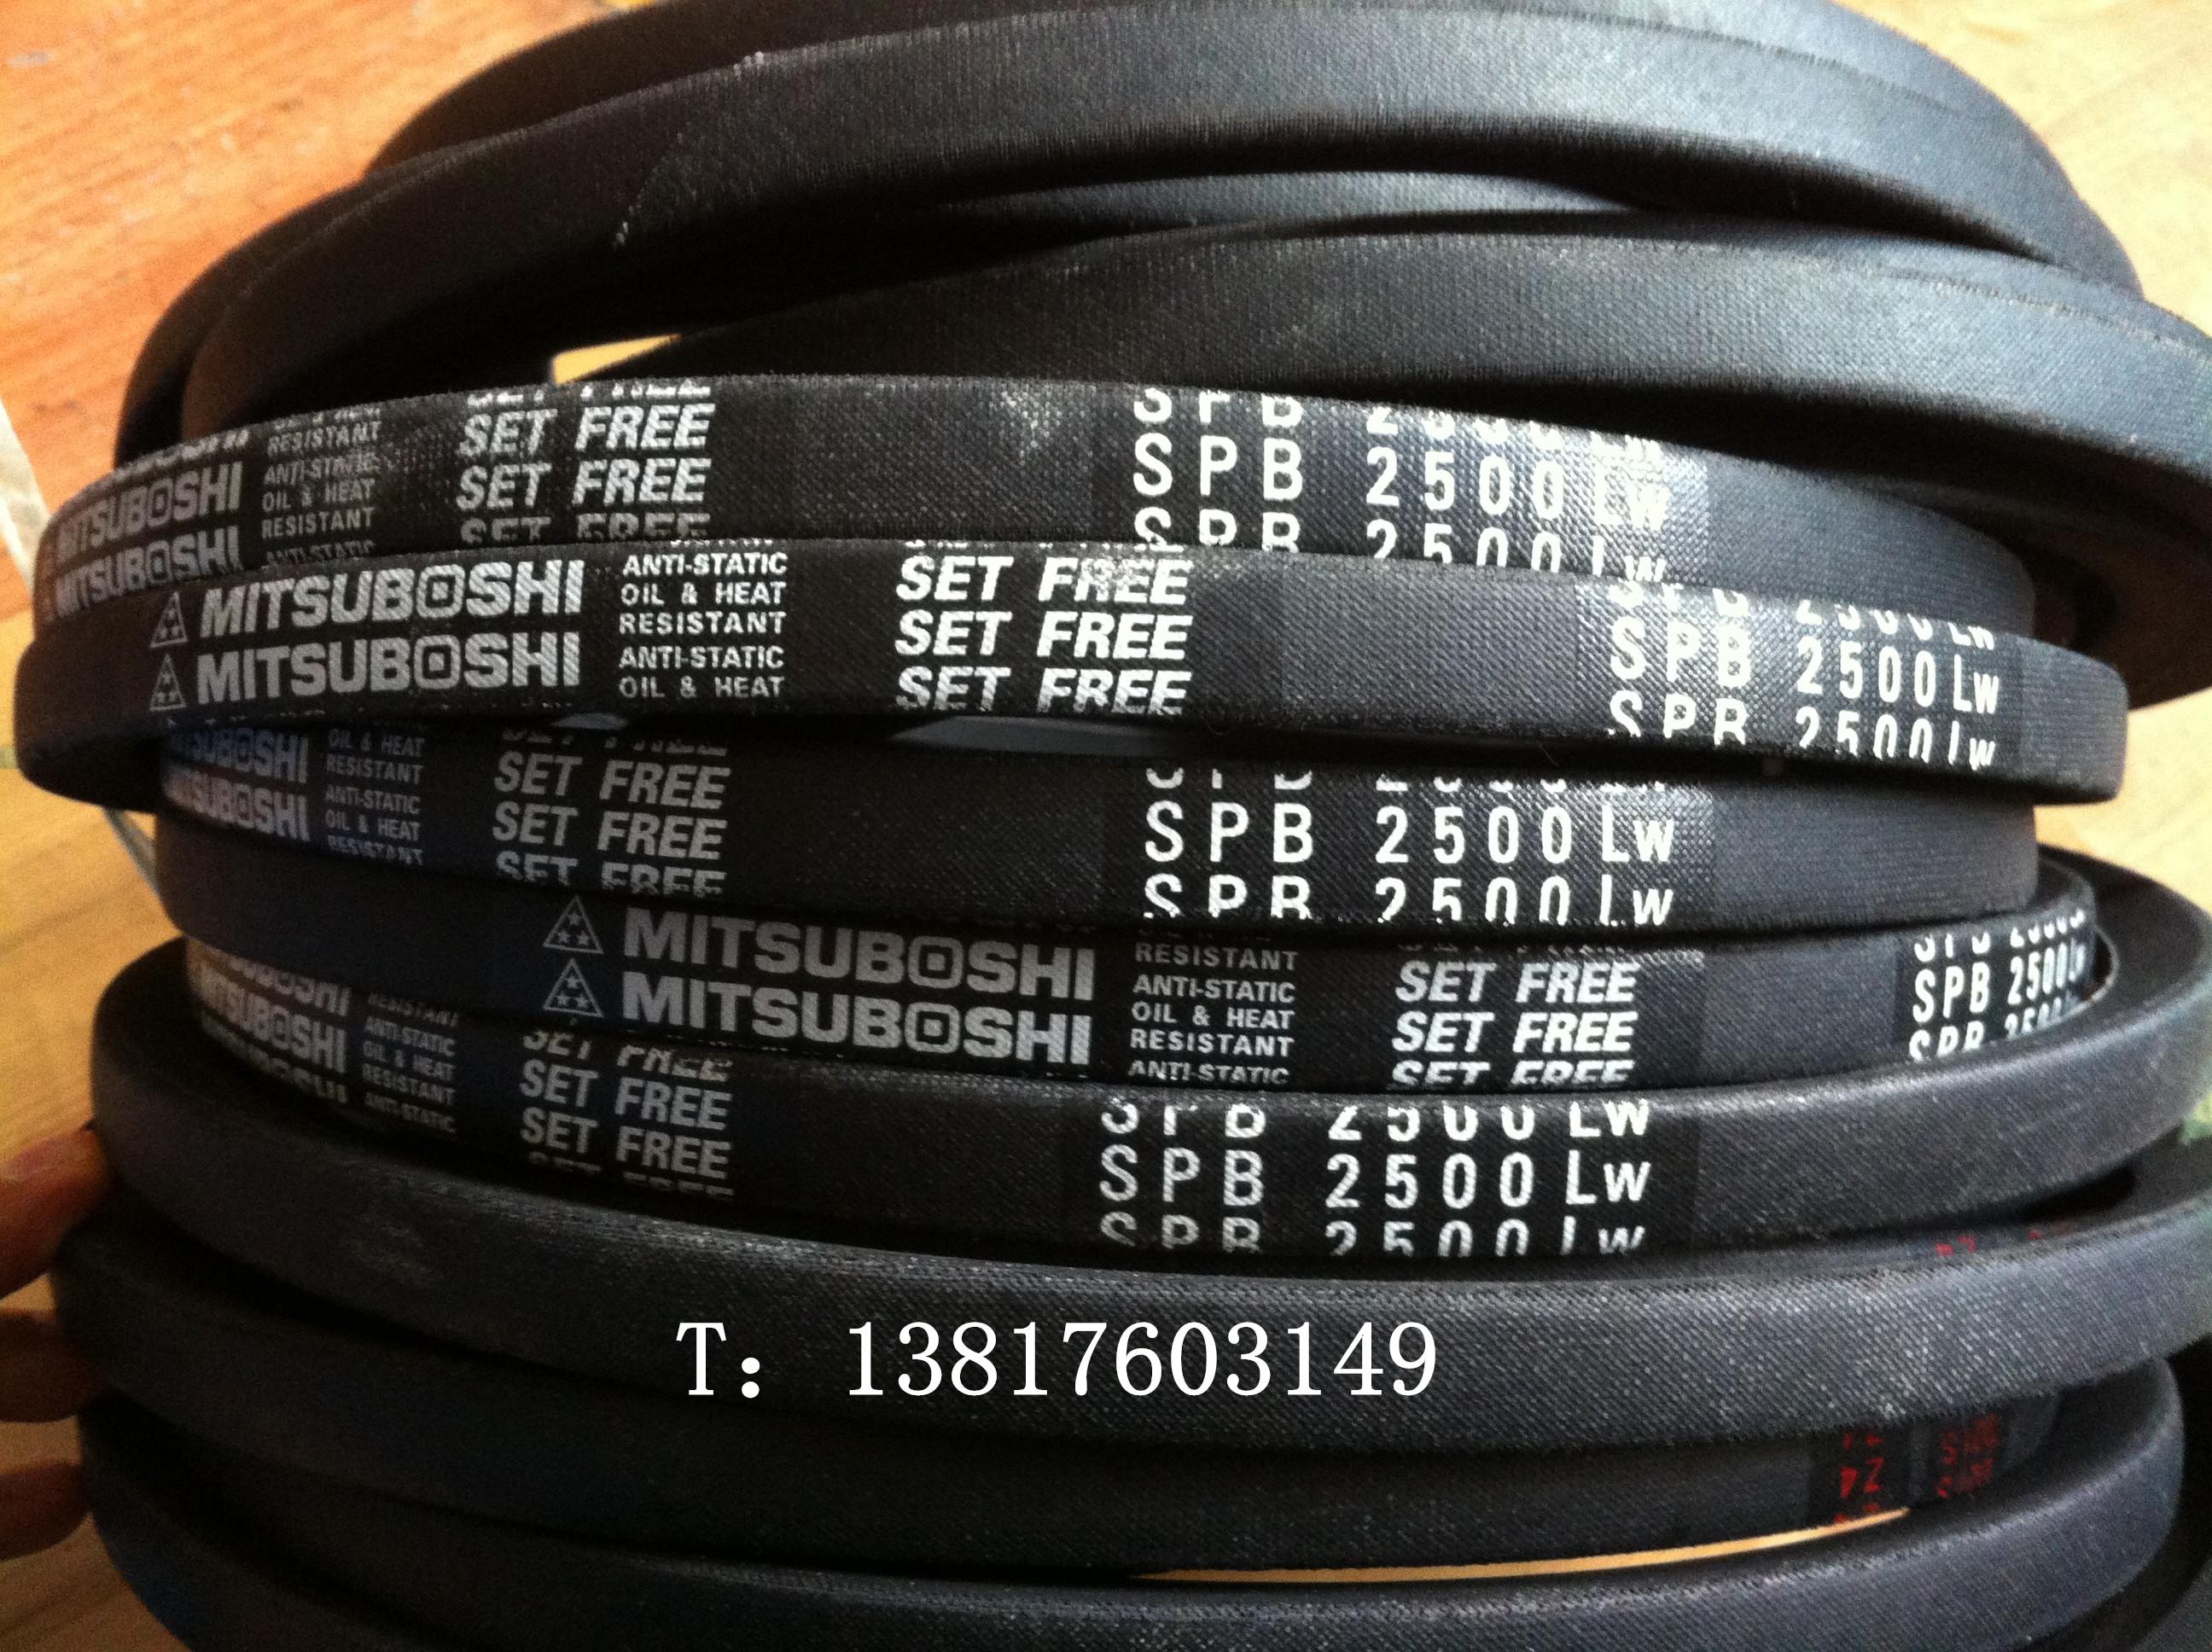 ญี่ปุ่น Samsung สายพานนำเข้าสายพาน SPB2680SPB2700SPB2720SPB2750SPB2800